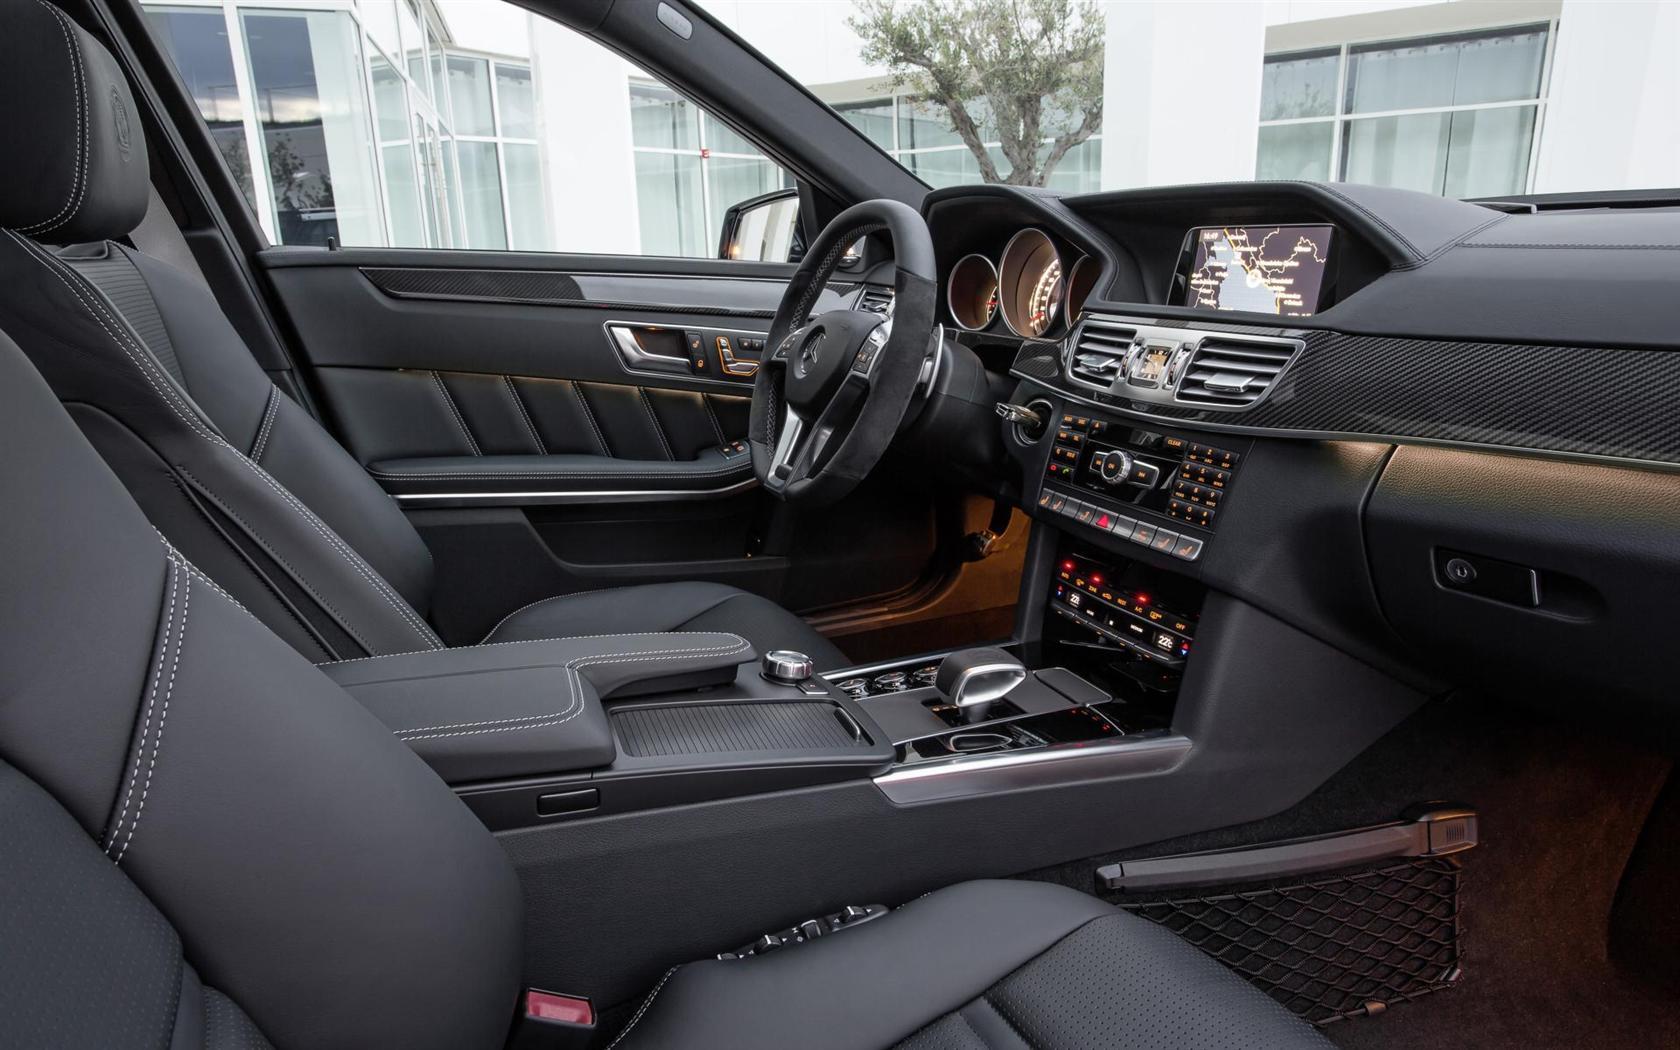 2014 Mercedes-Benz E63 AMG S-Model